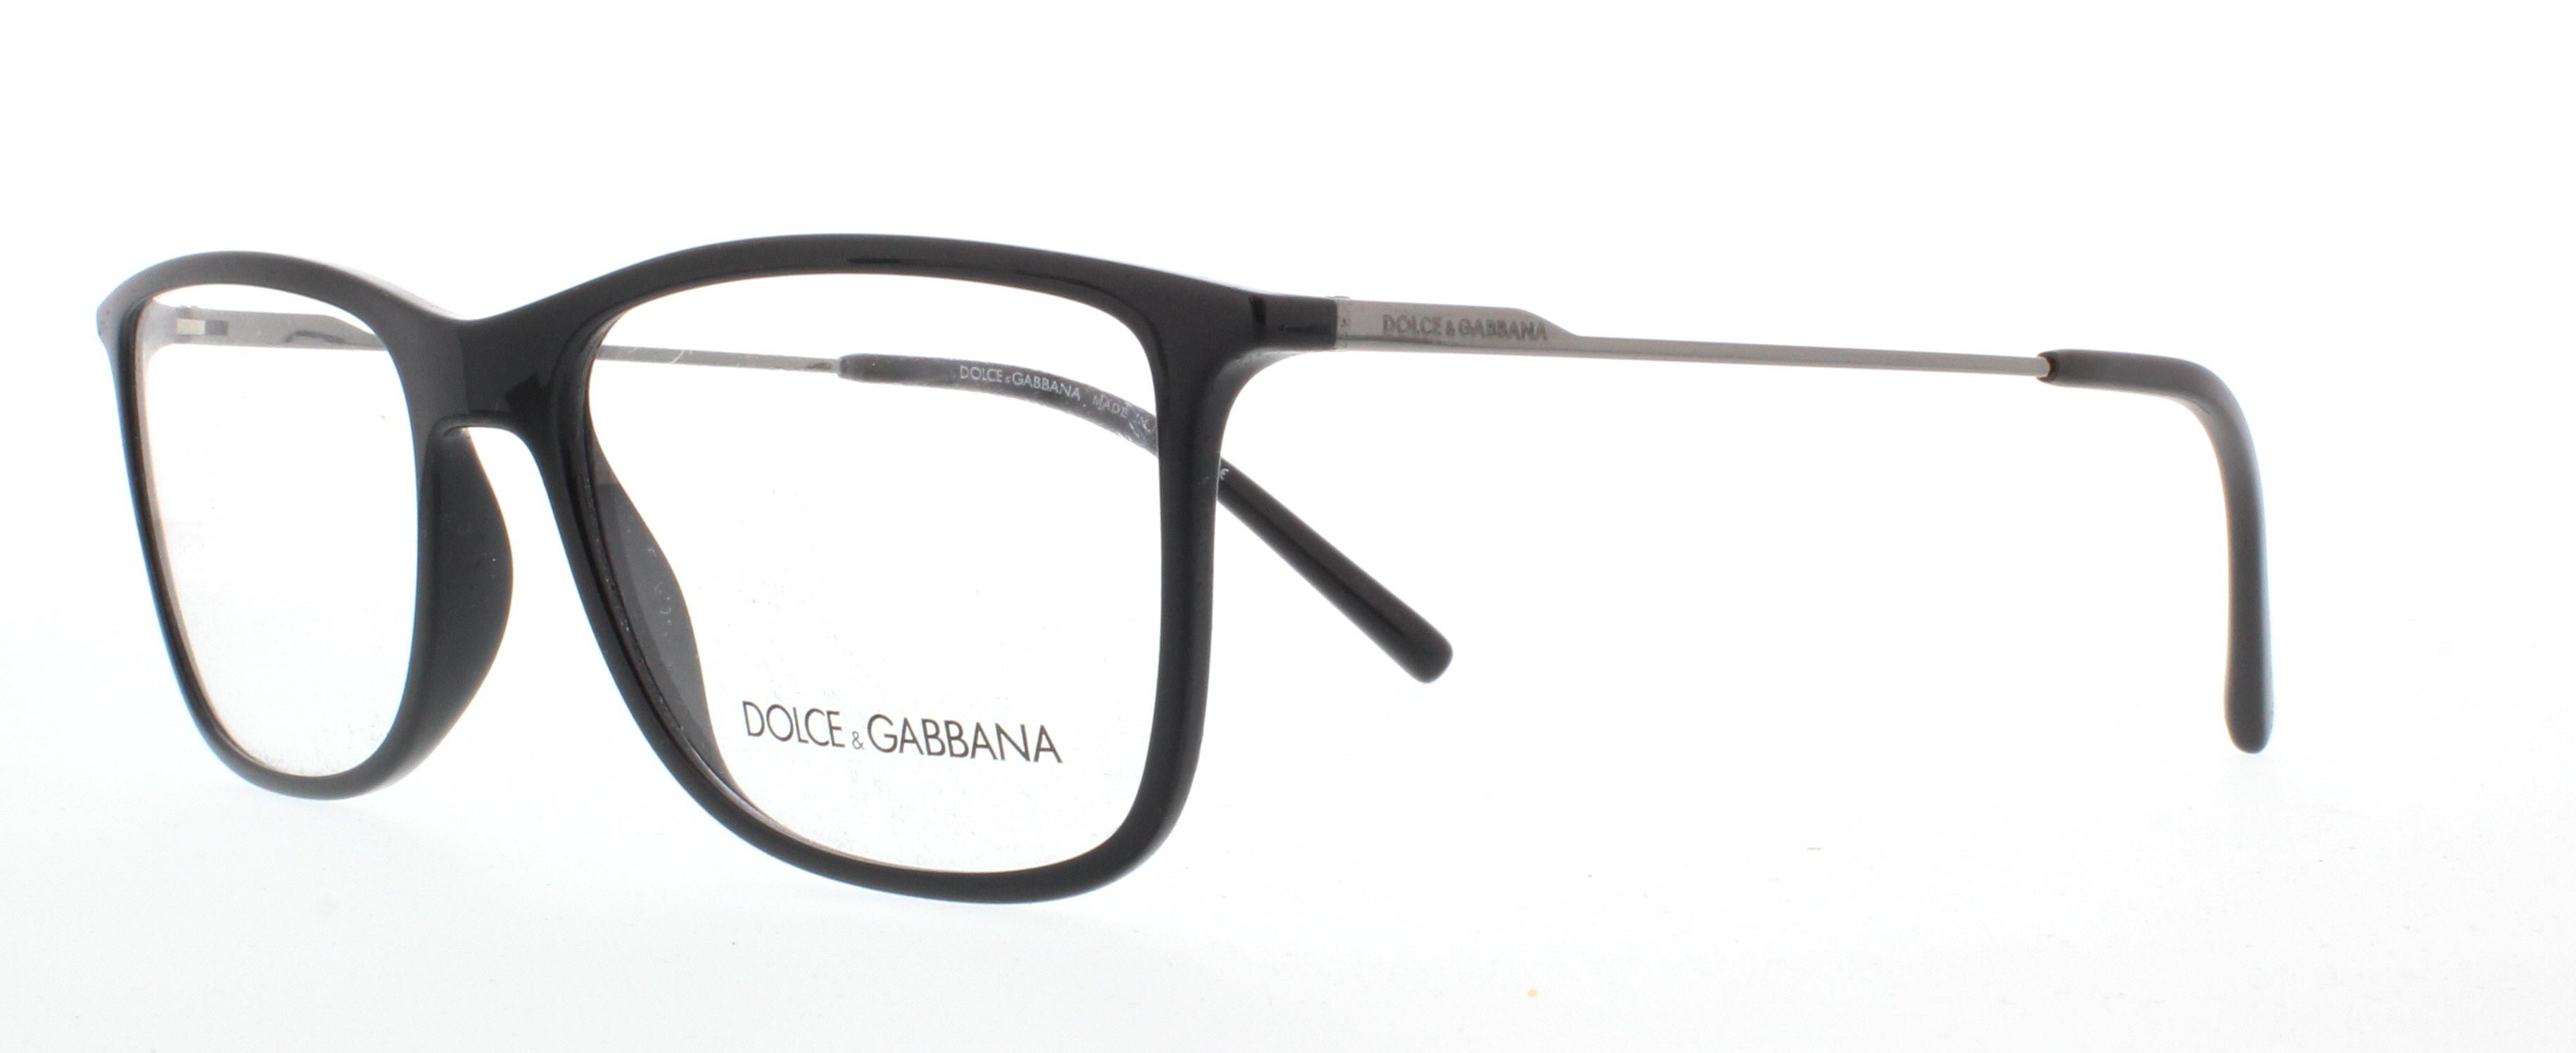 7cc0d3af55f9 Designer Frames Outlet. Dolce   Gabbana DG5024